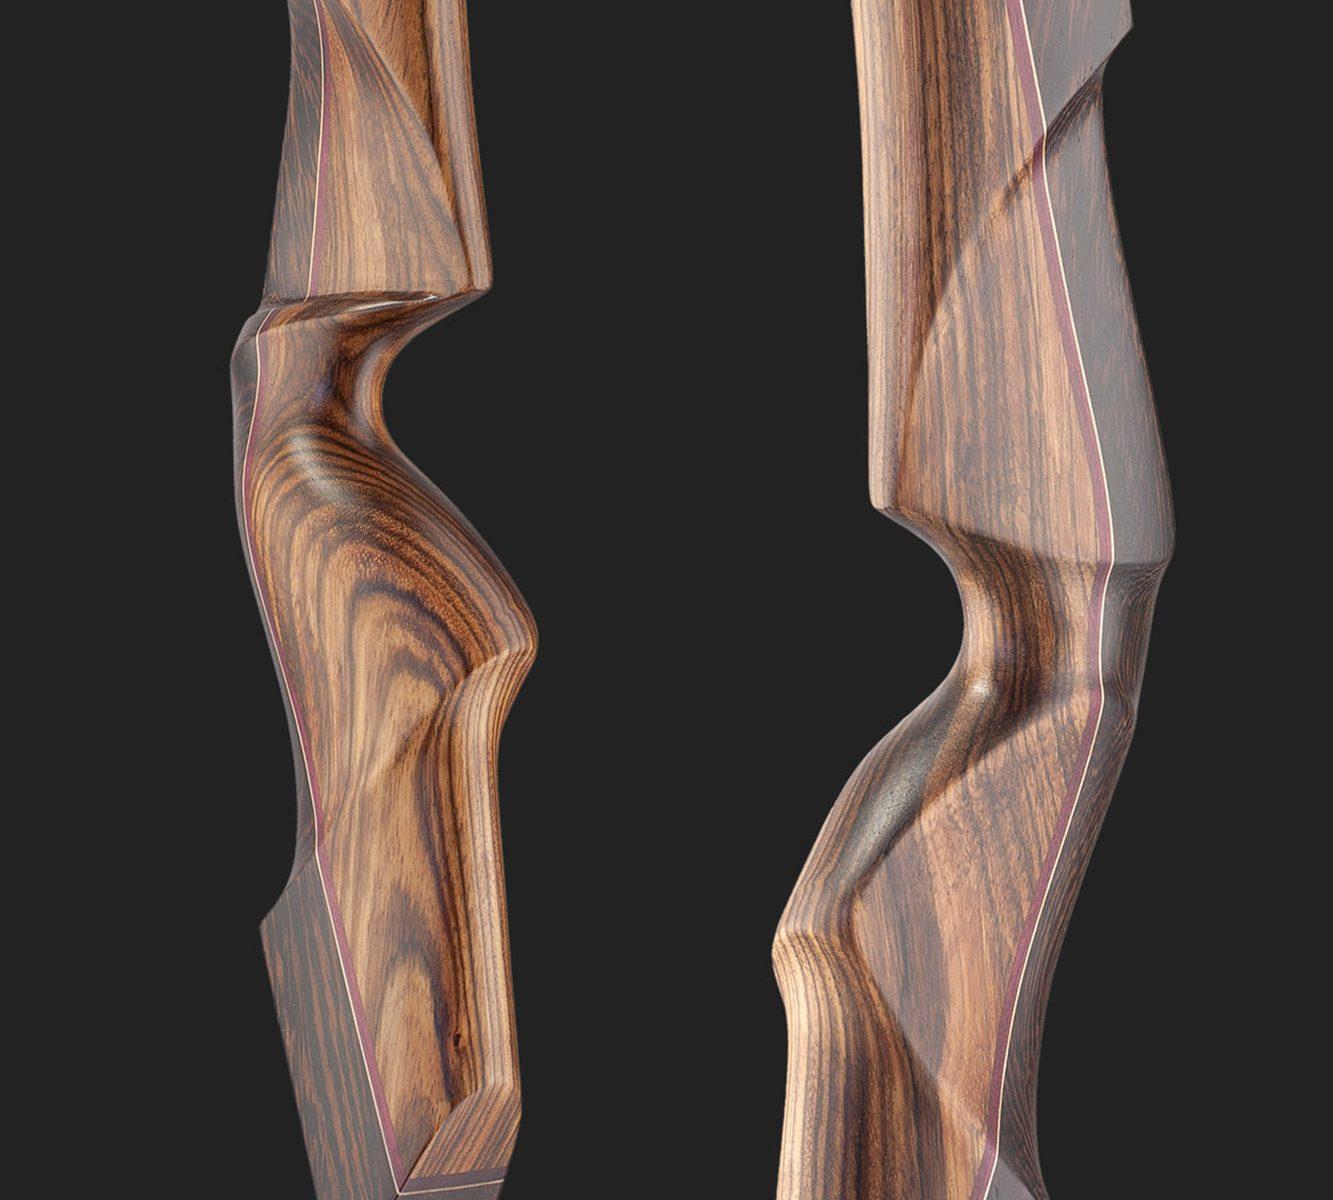 Riser dell' arco tradizionale ricurvo Testarossa in Wenge e Zebrano